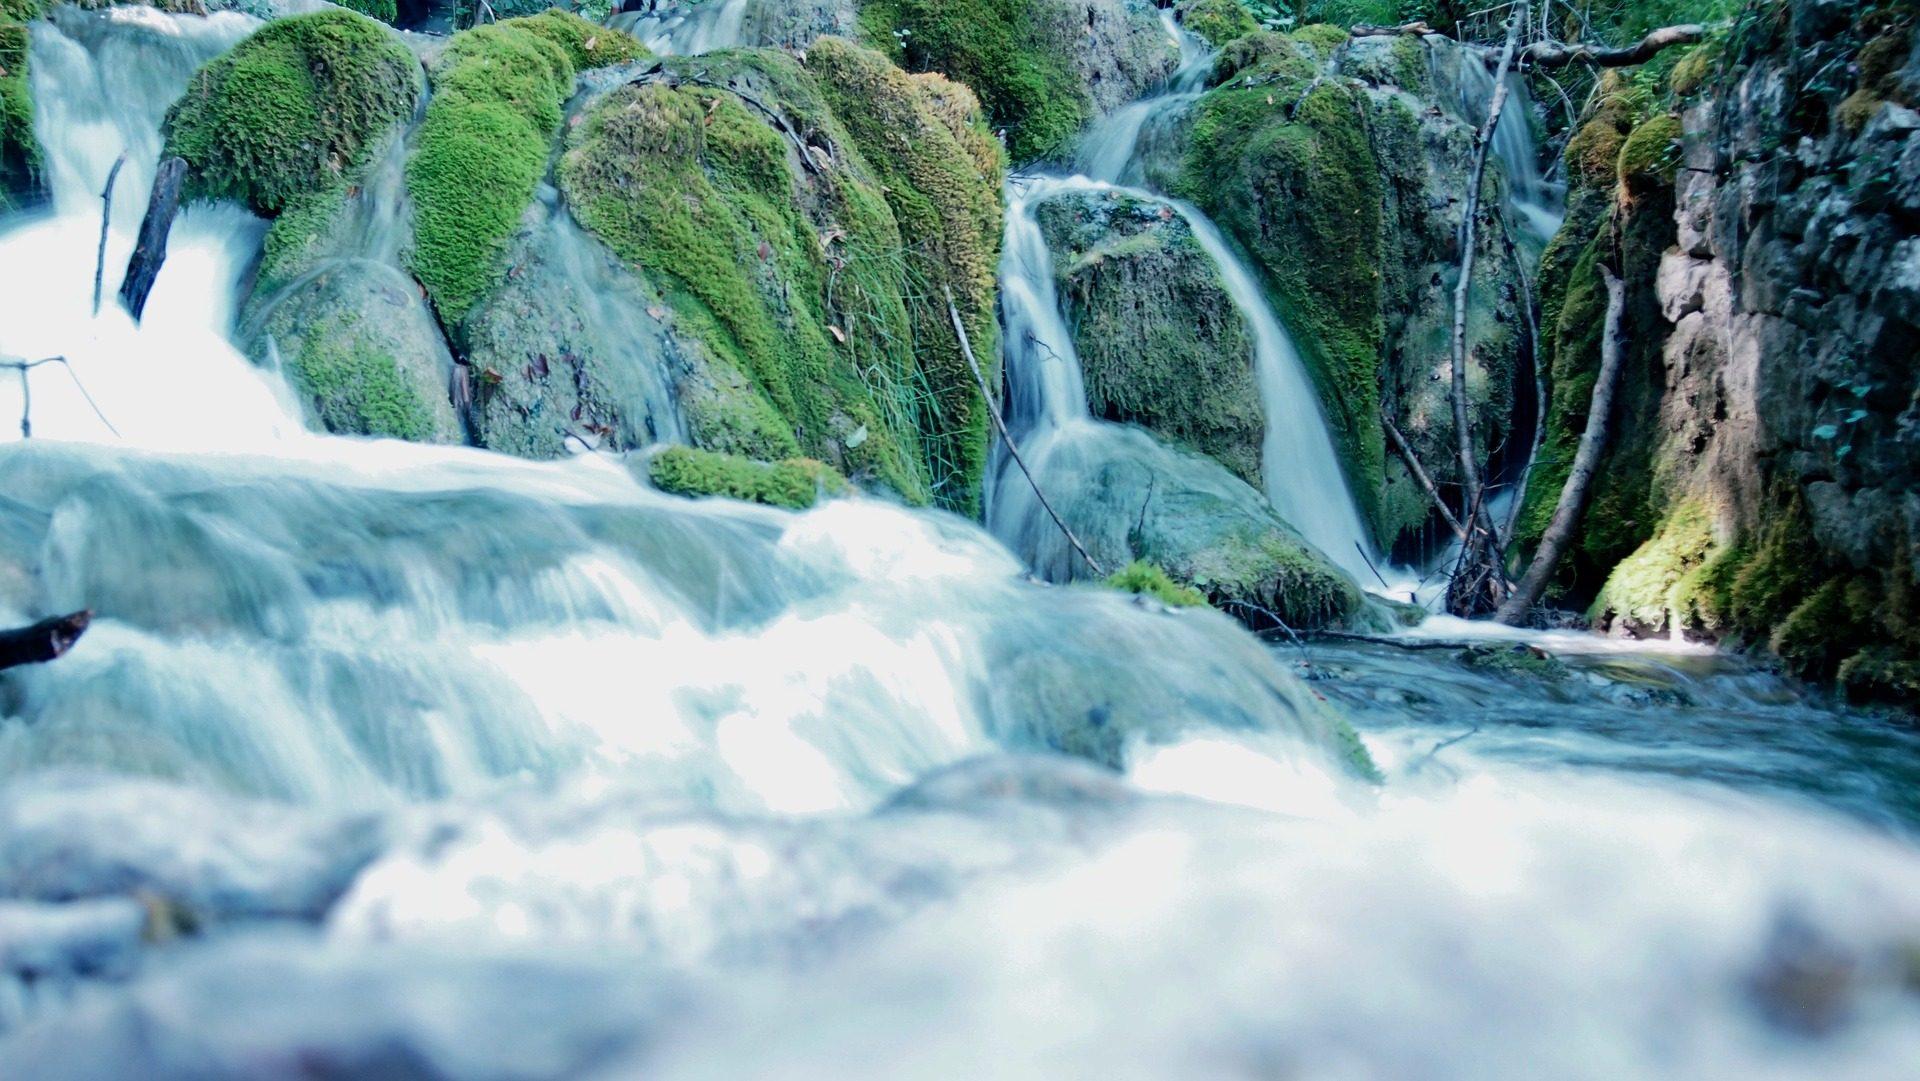 Rivière, caudal, chute d'eau, cataracte, POINT DE RIZ, eau - Fonds d'écran HD - Professor-falken.com